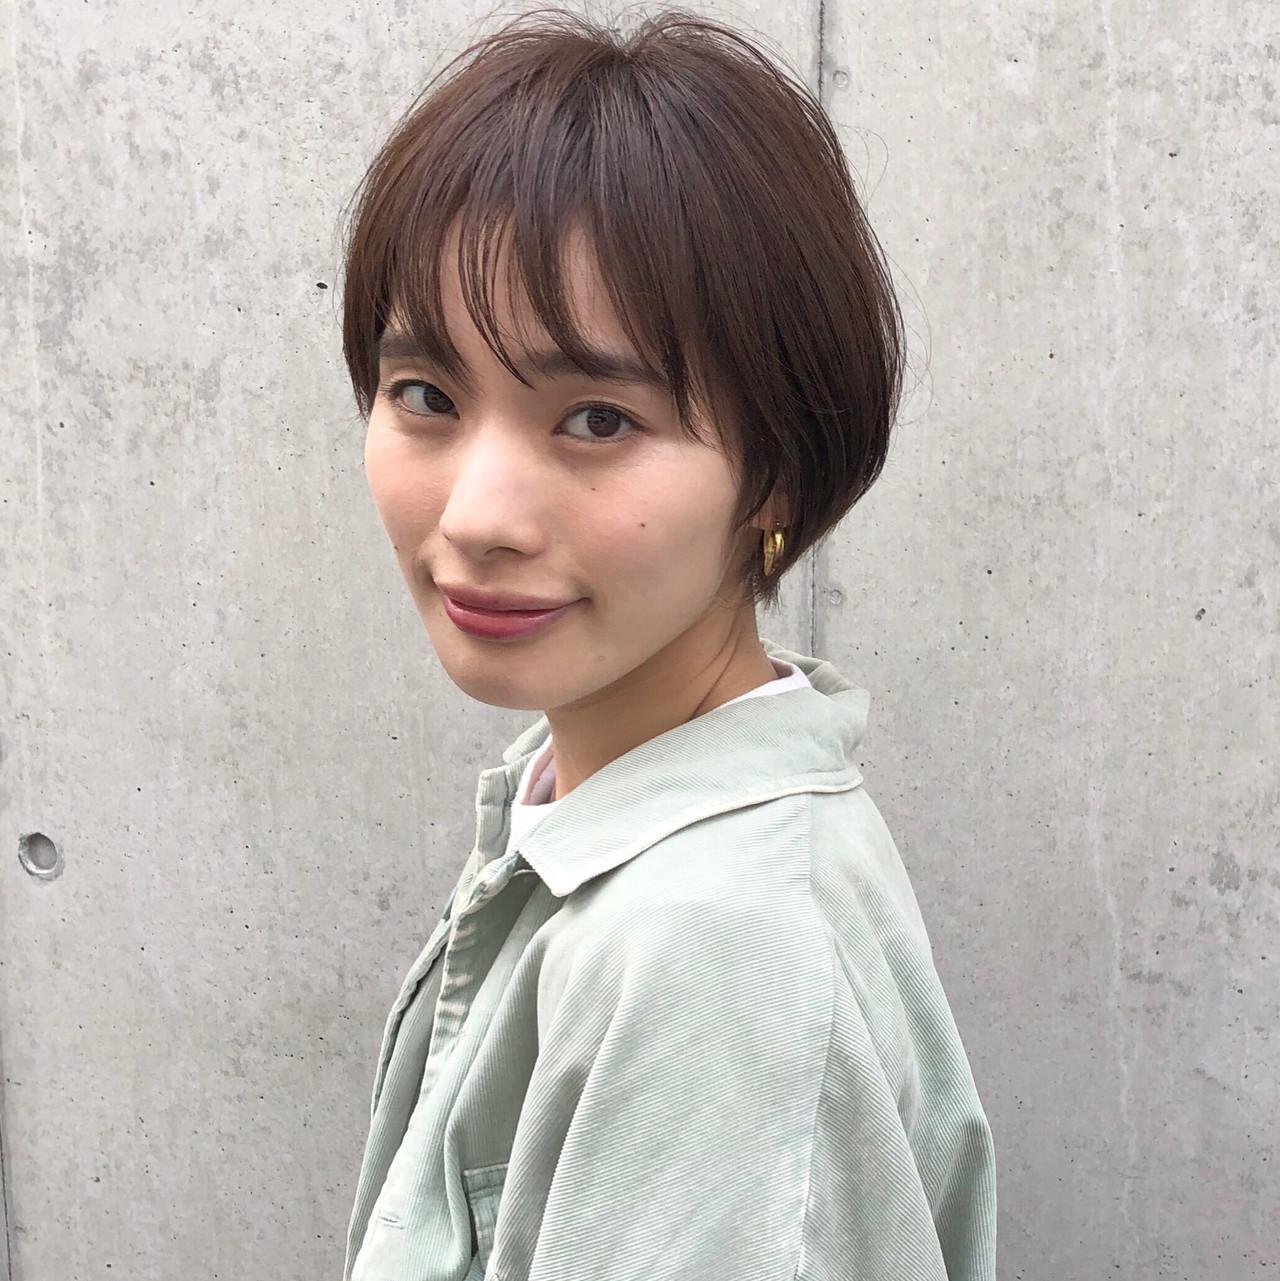 ショートヘア ナチュラル ショート ショート女子 ヘアスタイルや髪型の写真・画像 | 高田 興 / レジーロ